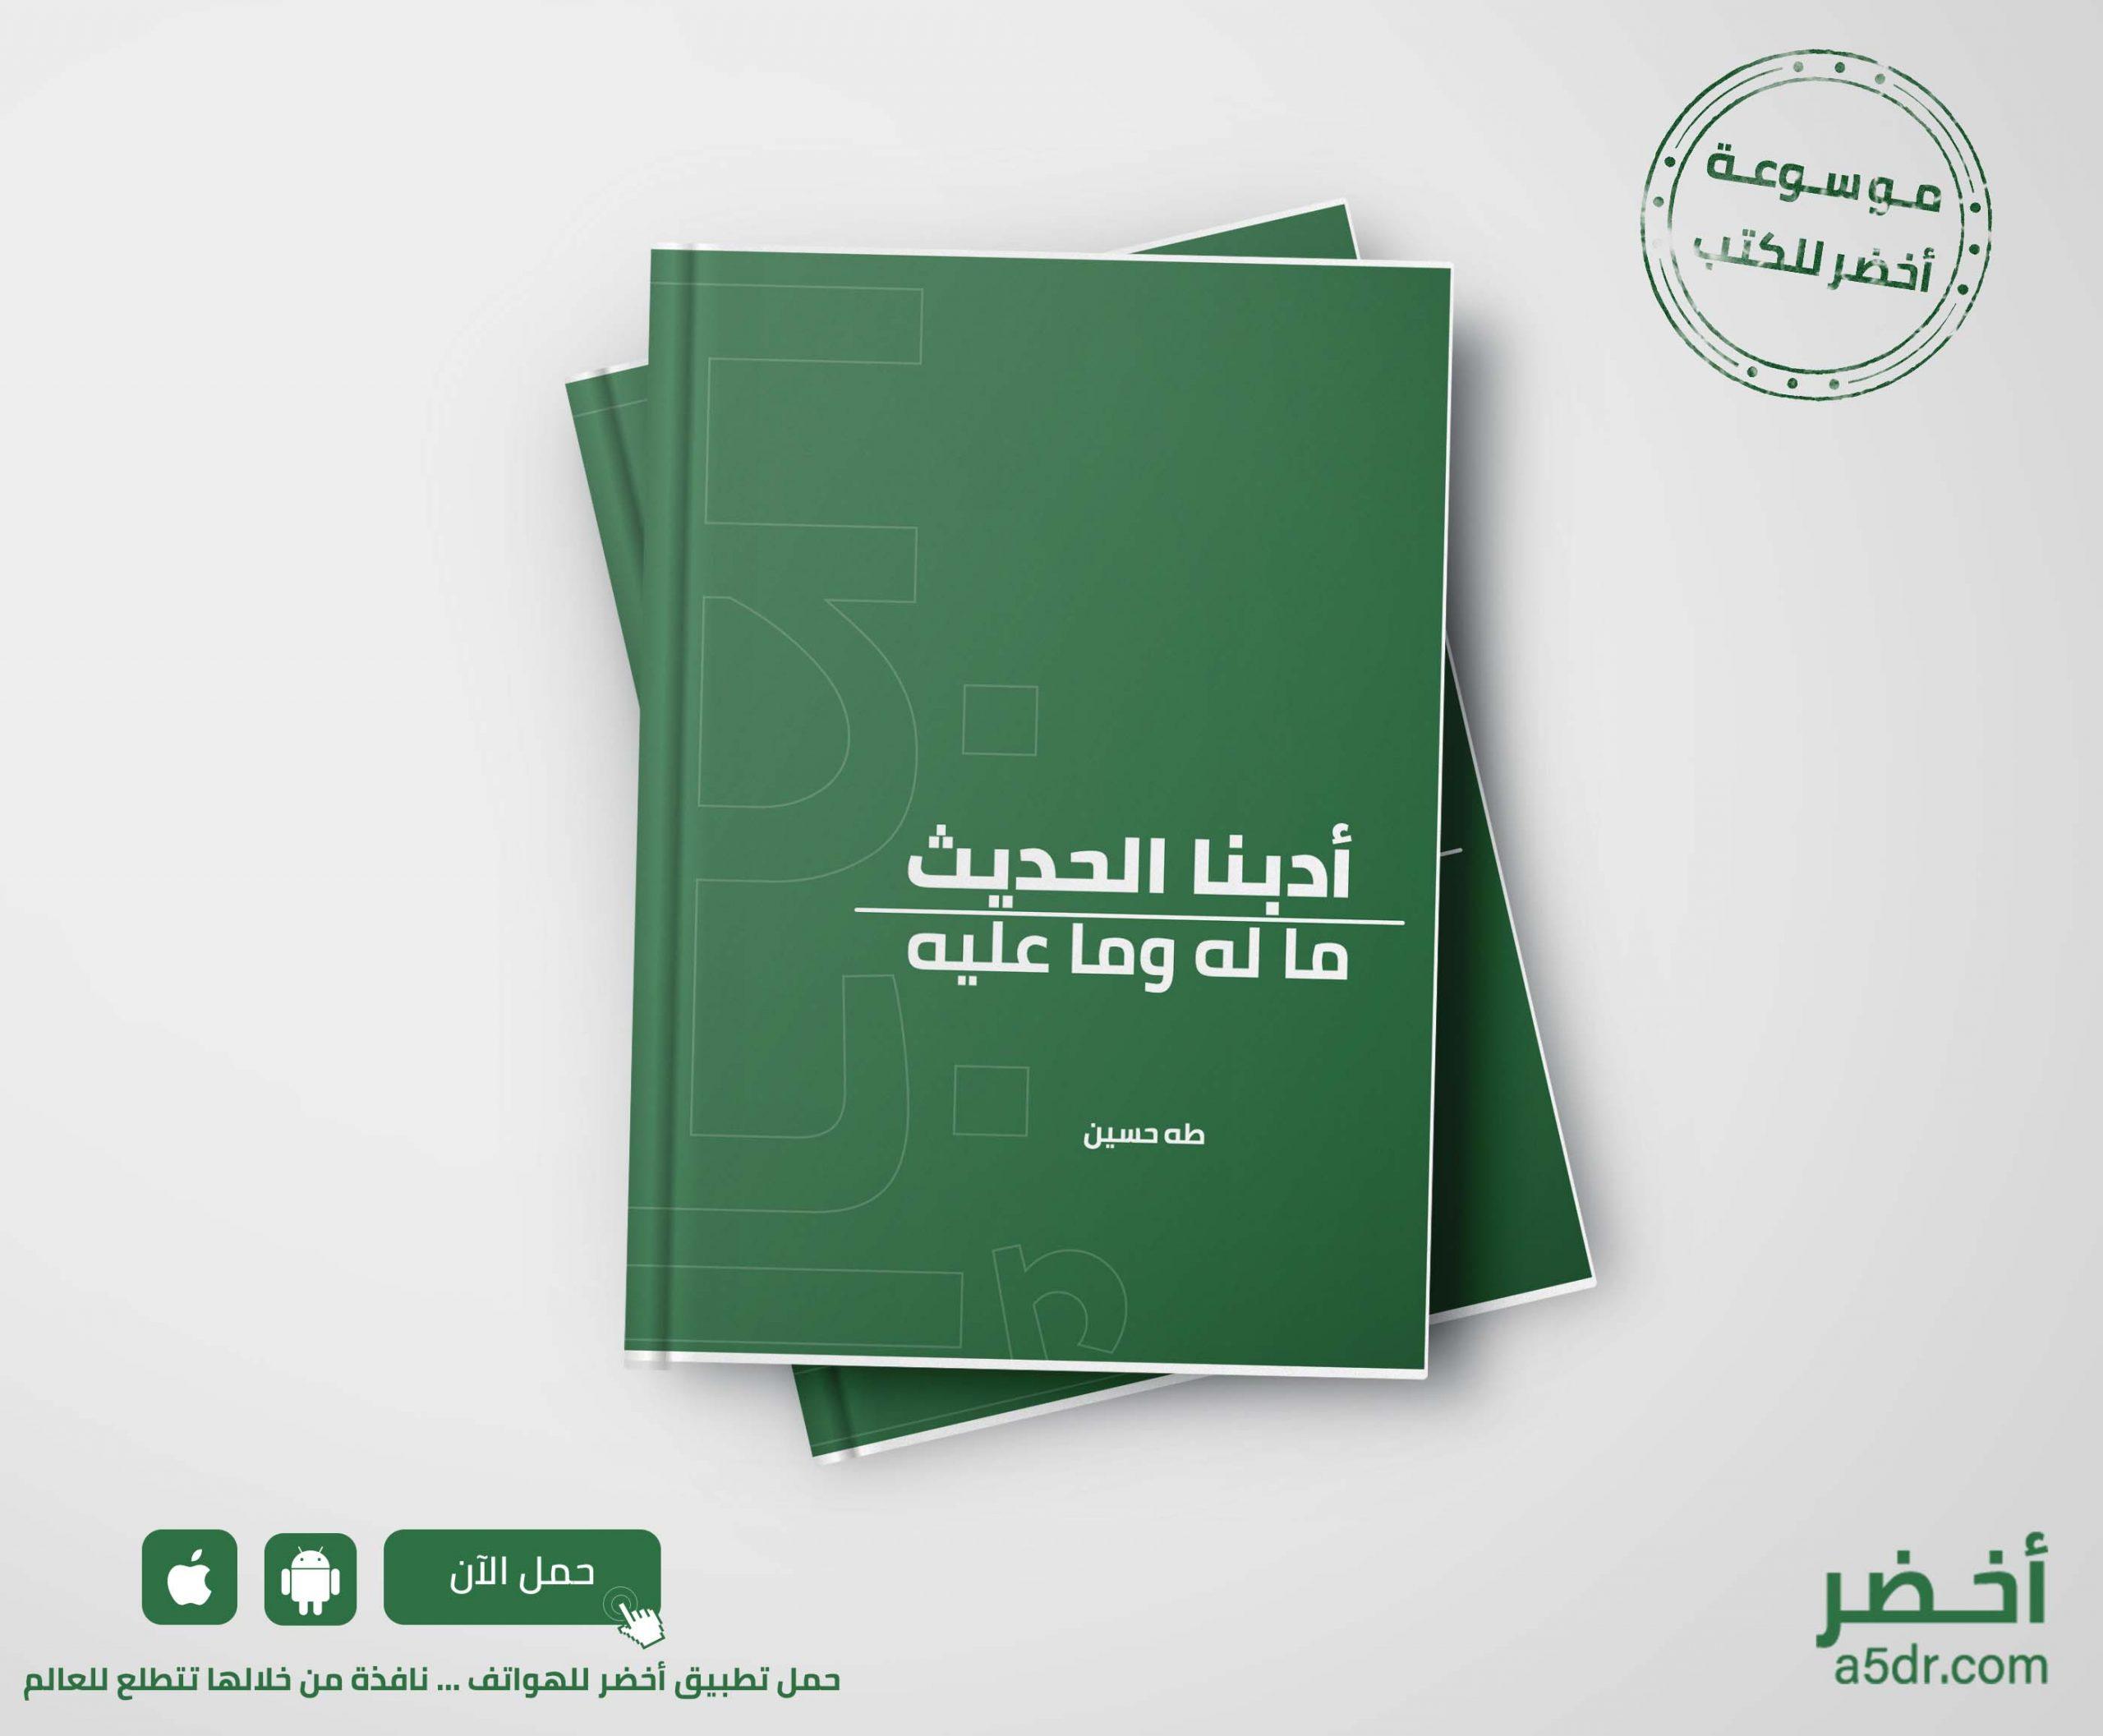 كتاب أدبنا الحديث ما له وما عليه - طه حسين